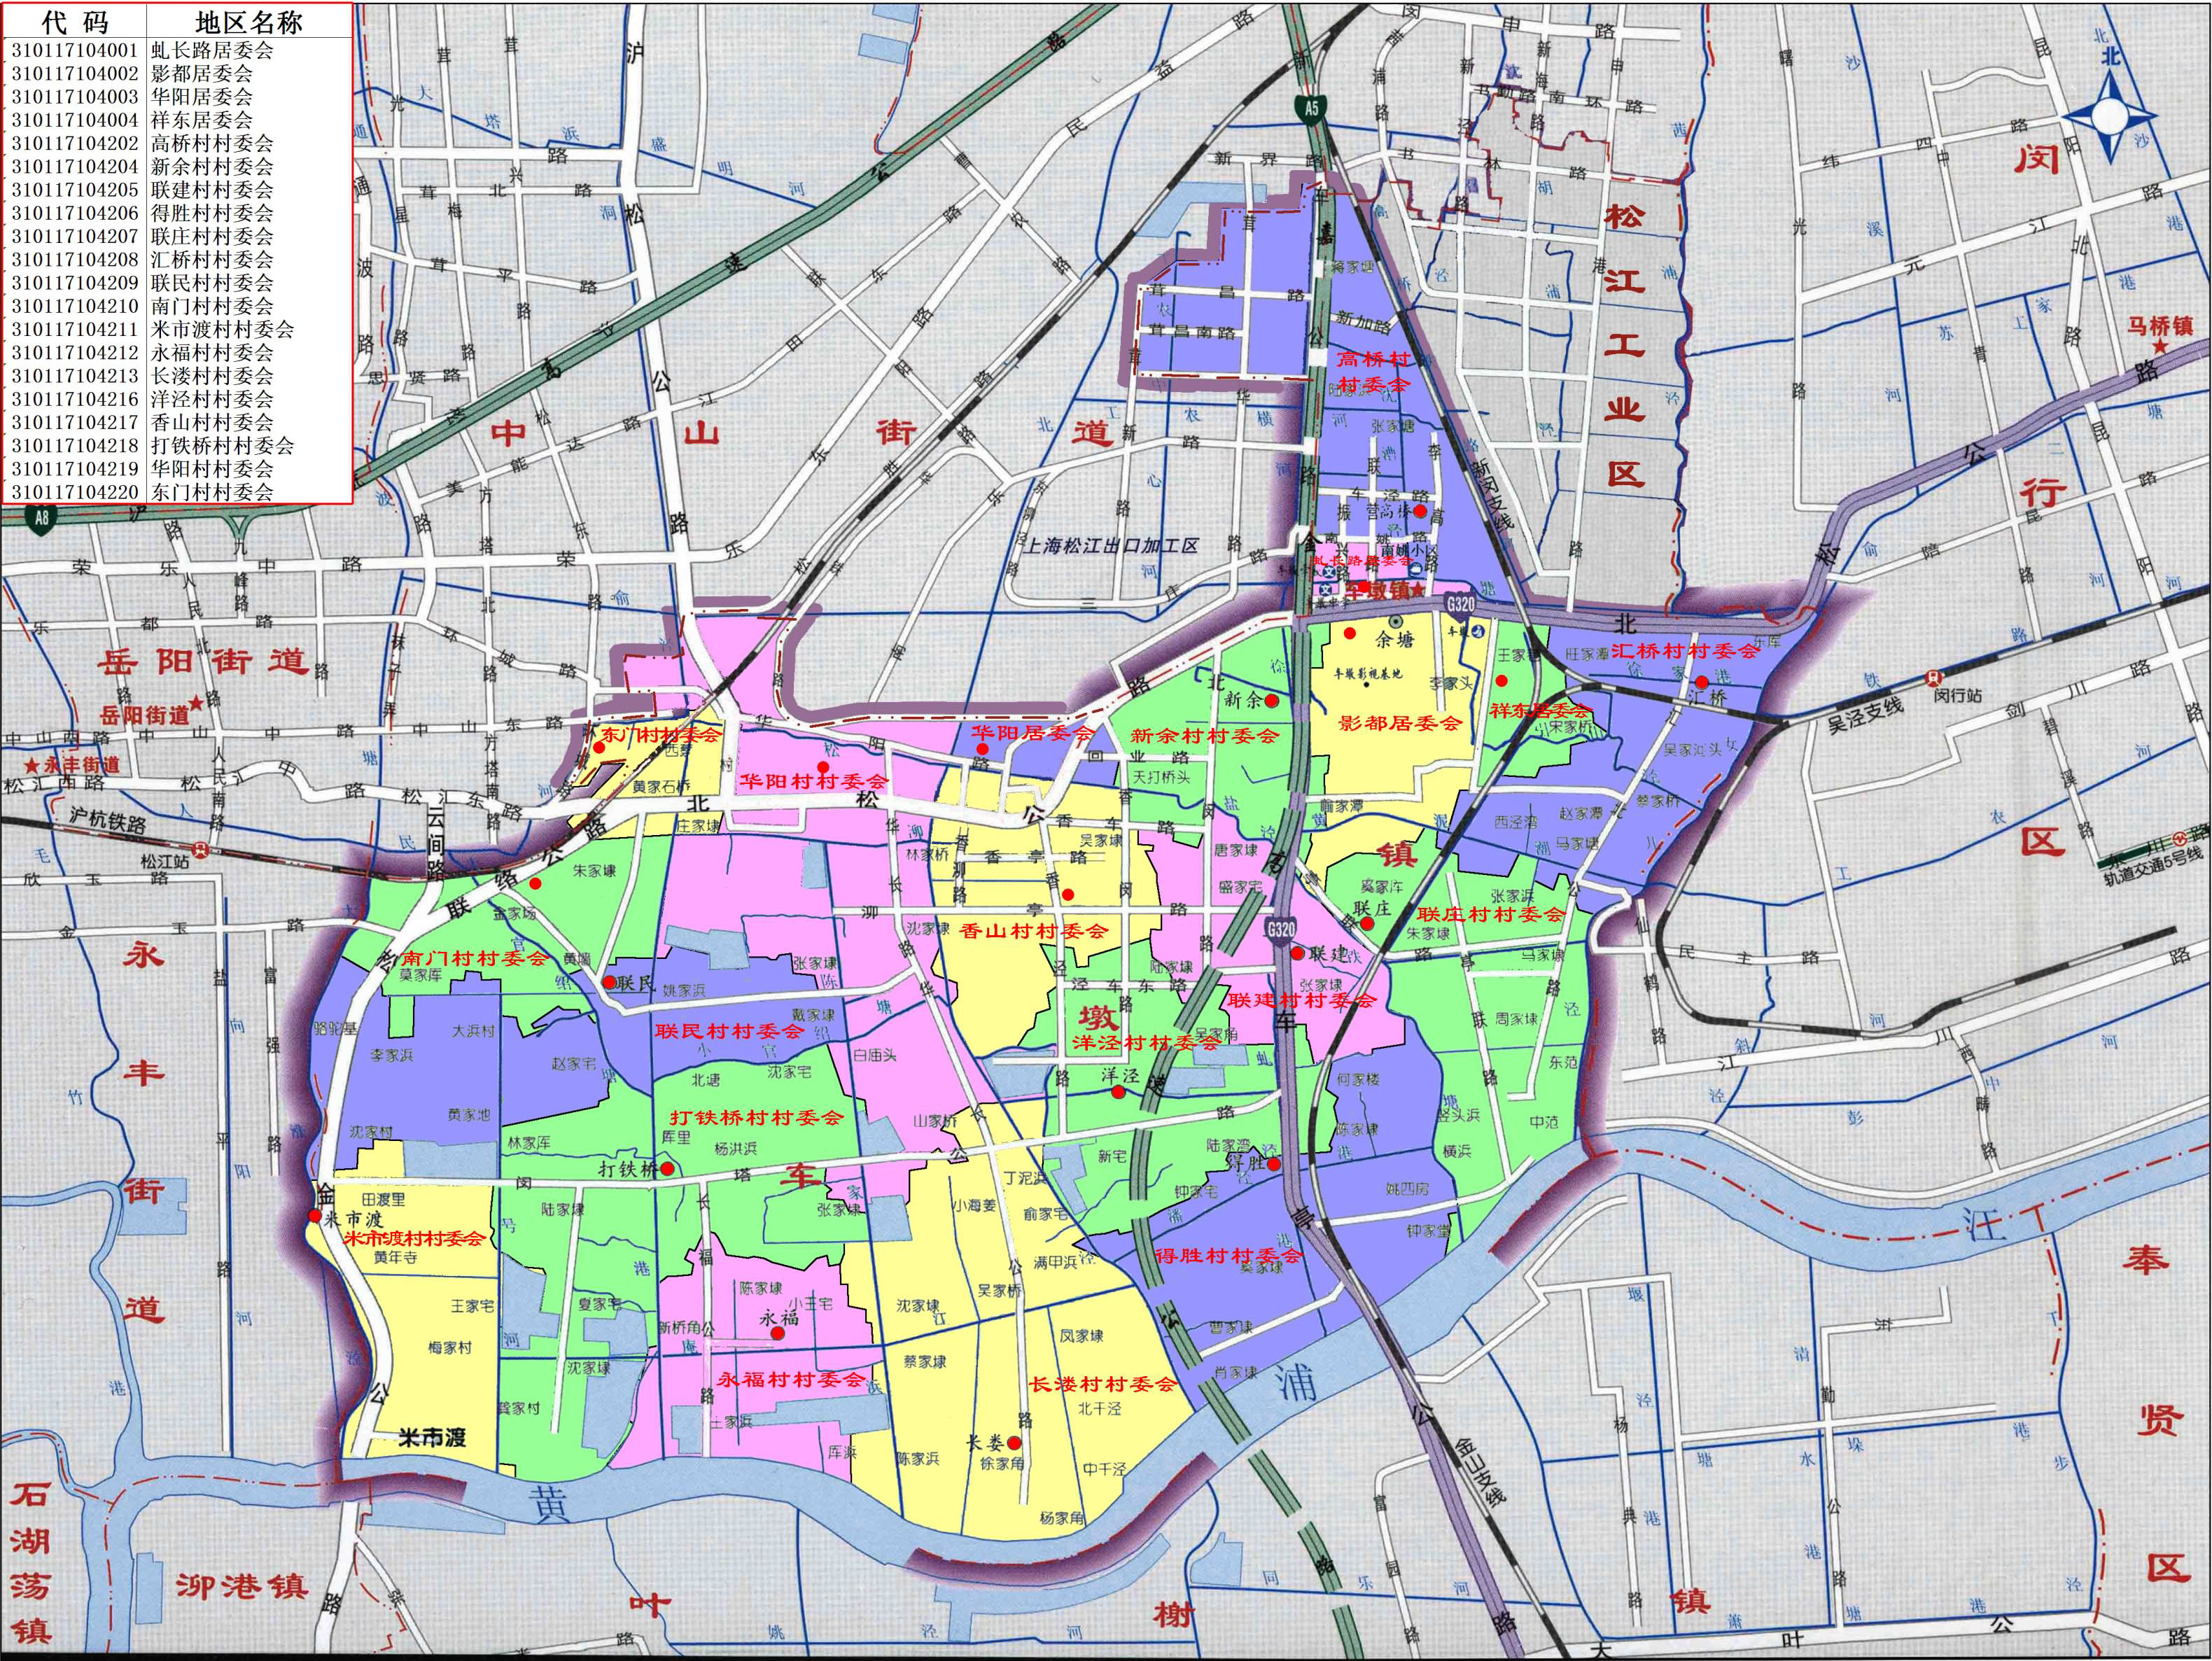 松江区车墩镇地图; 上海松江区地图全图